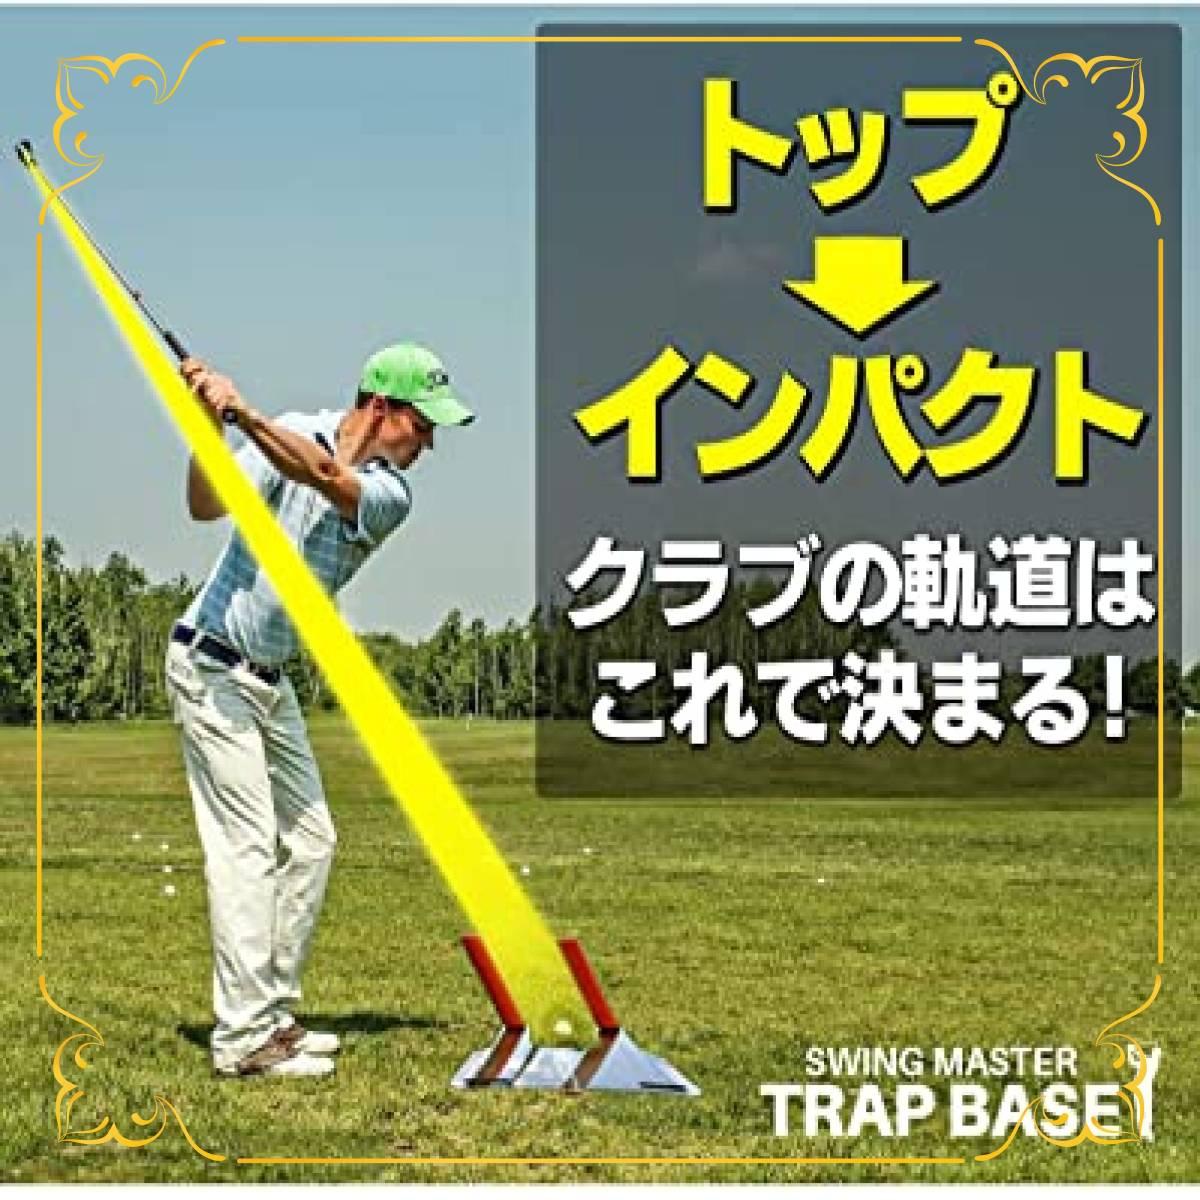 ゴルフ スイング練習機 スイング練習器具 スピードトラップベース パッティング 矯正_画像2